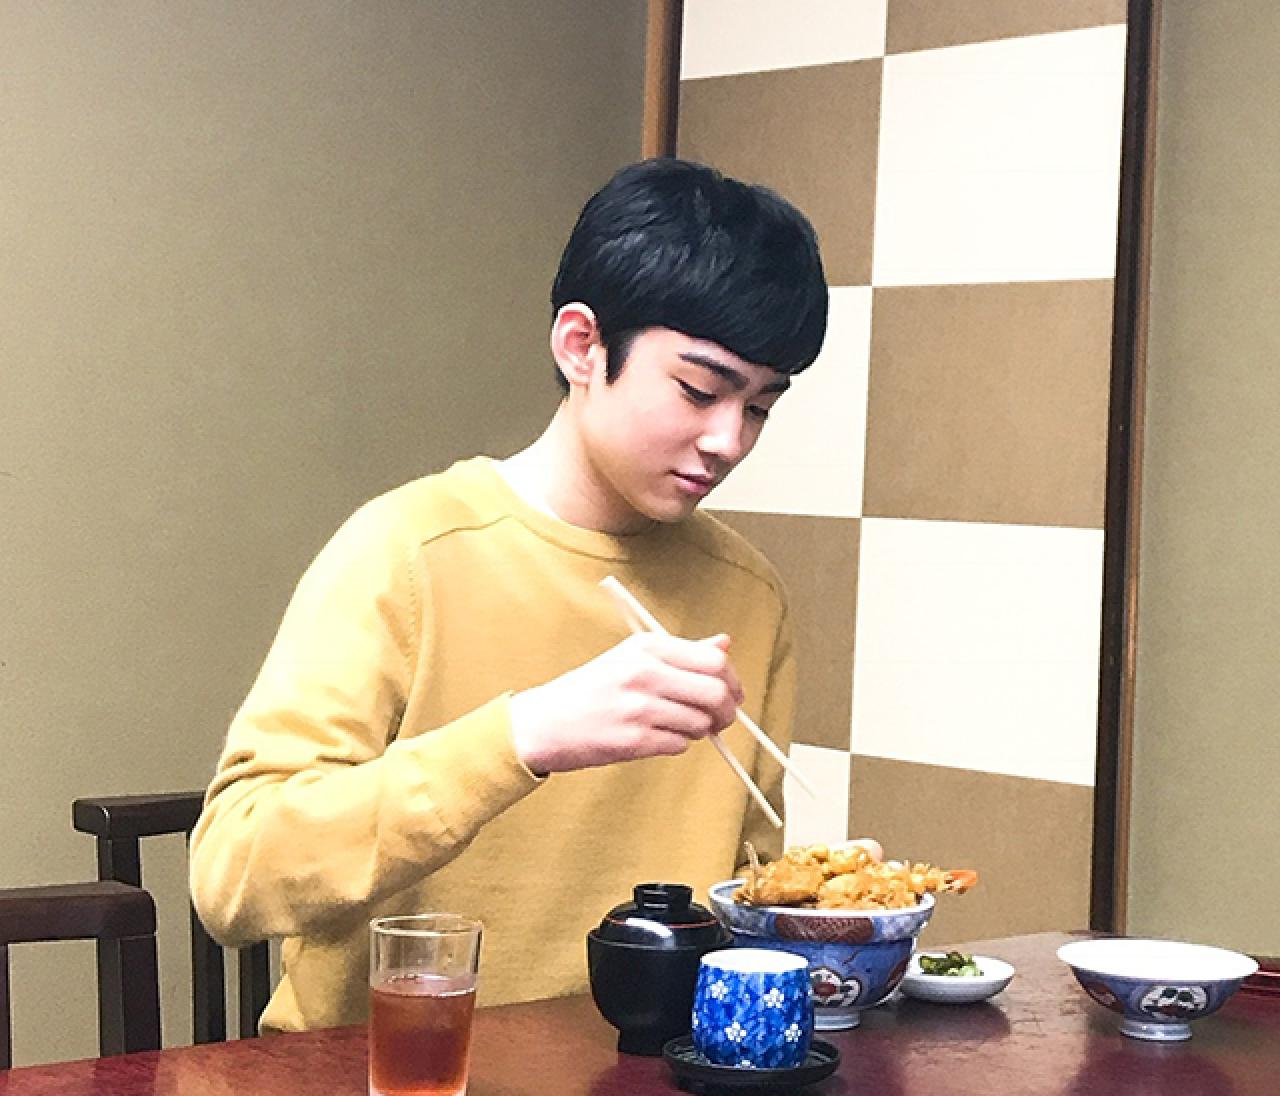 八代目・市川染五郎さんの浅草ロケ「もぐもぐタイム」オフショット